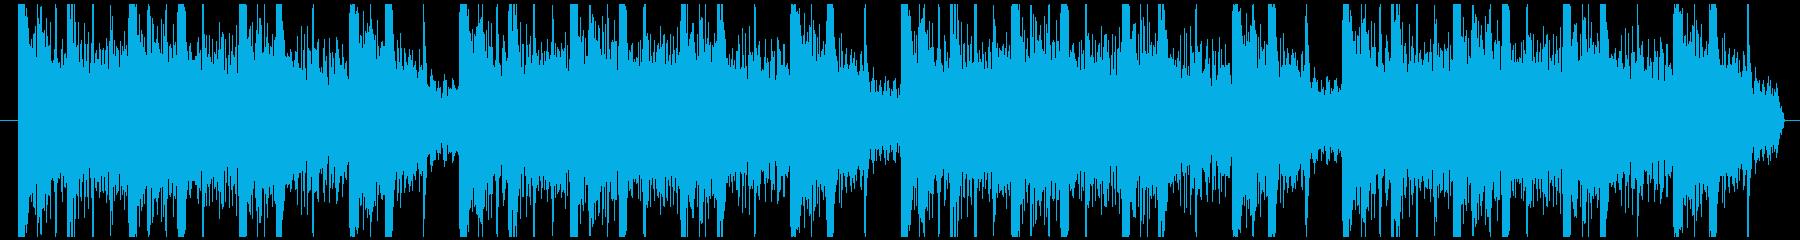 やさしい音の癒し系のエレクトロニカの再生済みの波形